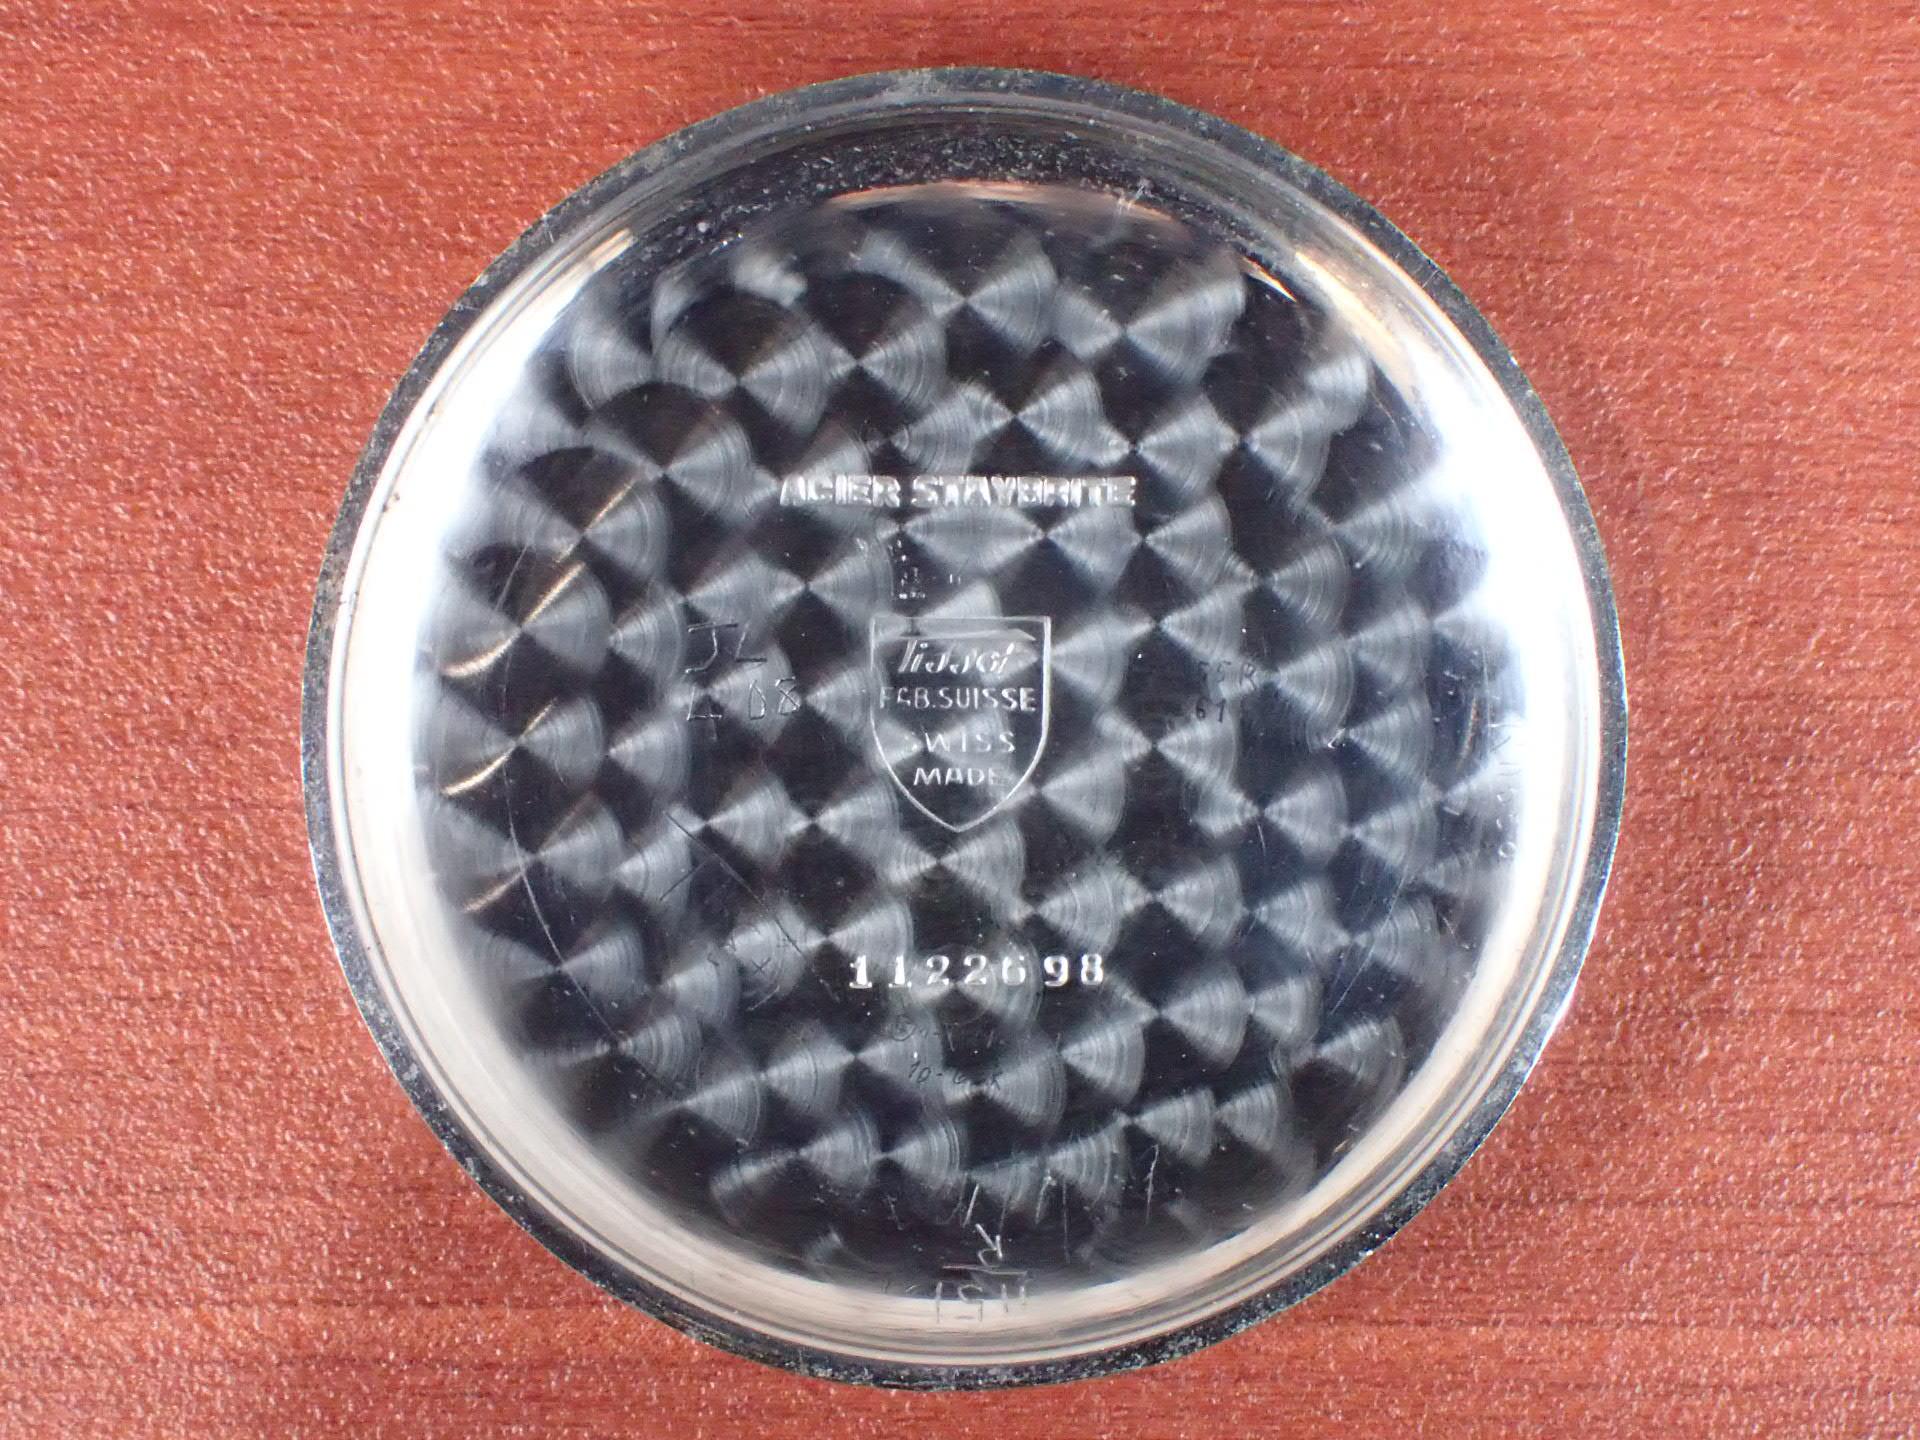 ティソ クロノグラフ キャリバー15TL シリンダーケース 1940年代の写真6枚目